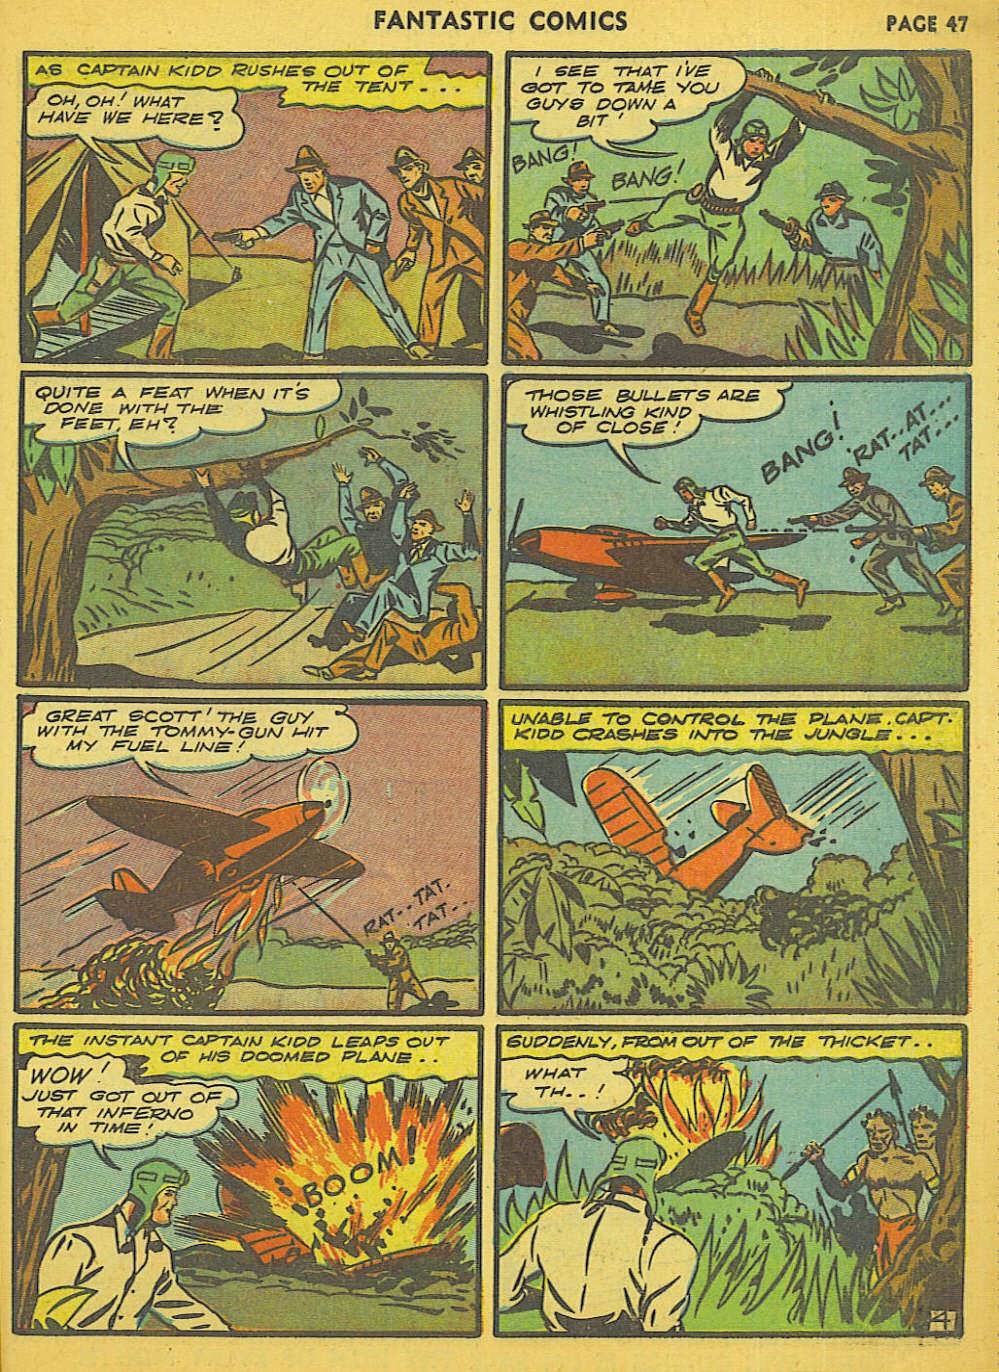 Read online Fantastic Comics comic -  Issue #15 - 41